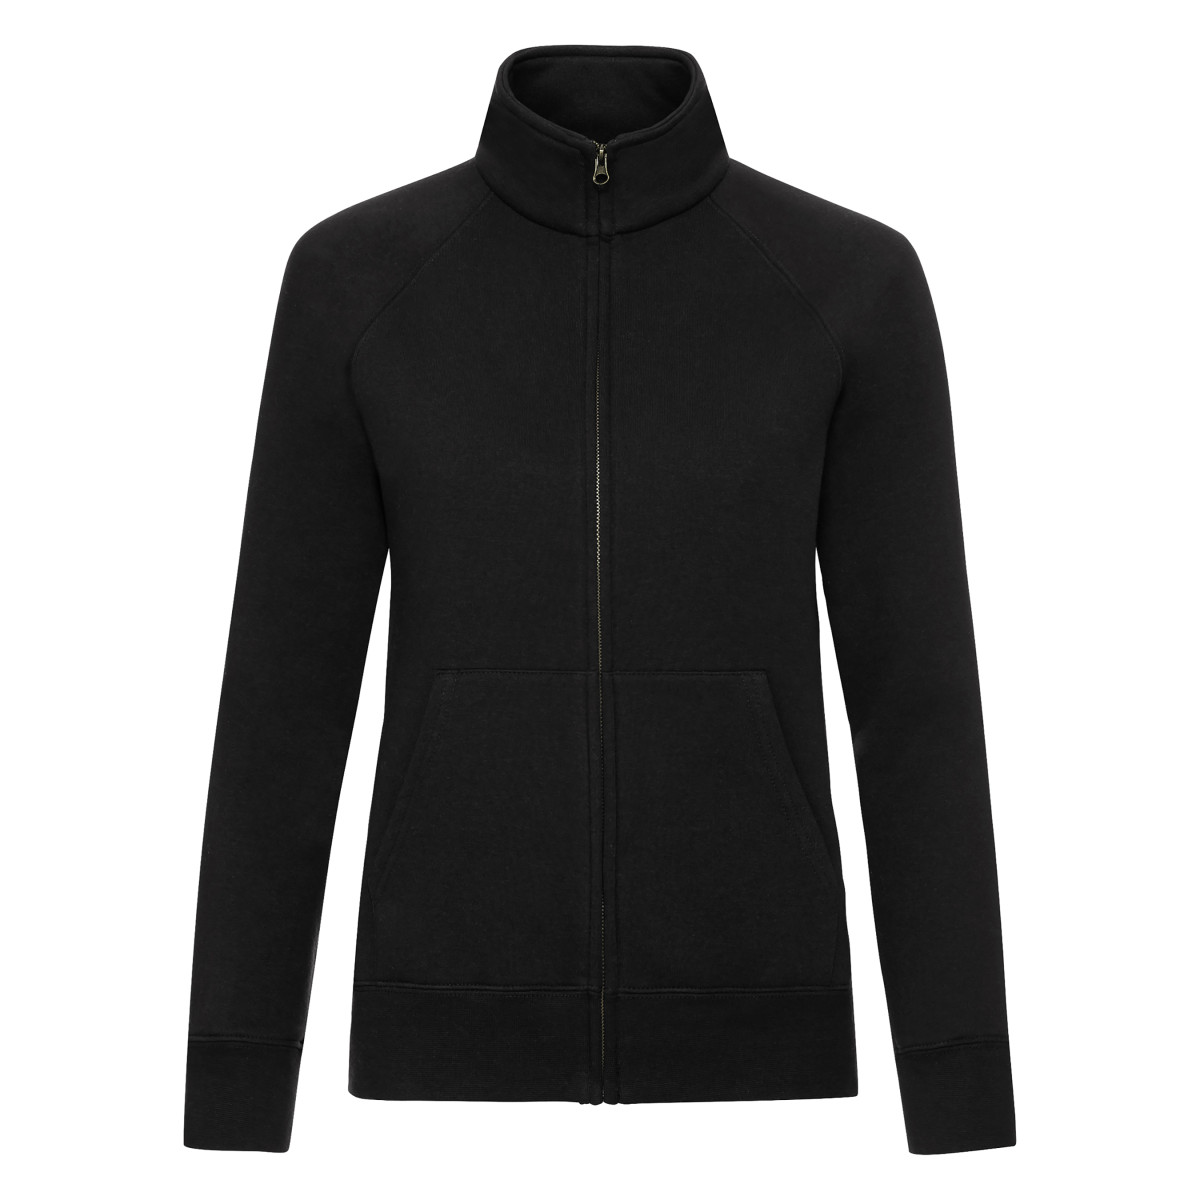 Lady-Fit Sweat Jacket